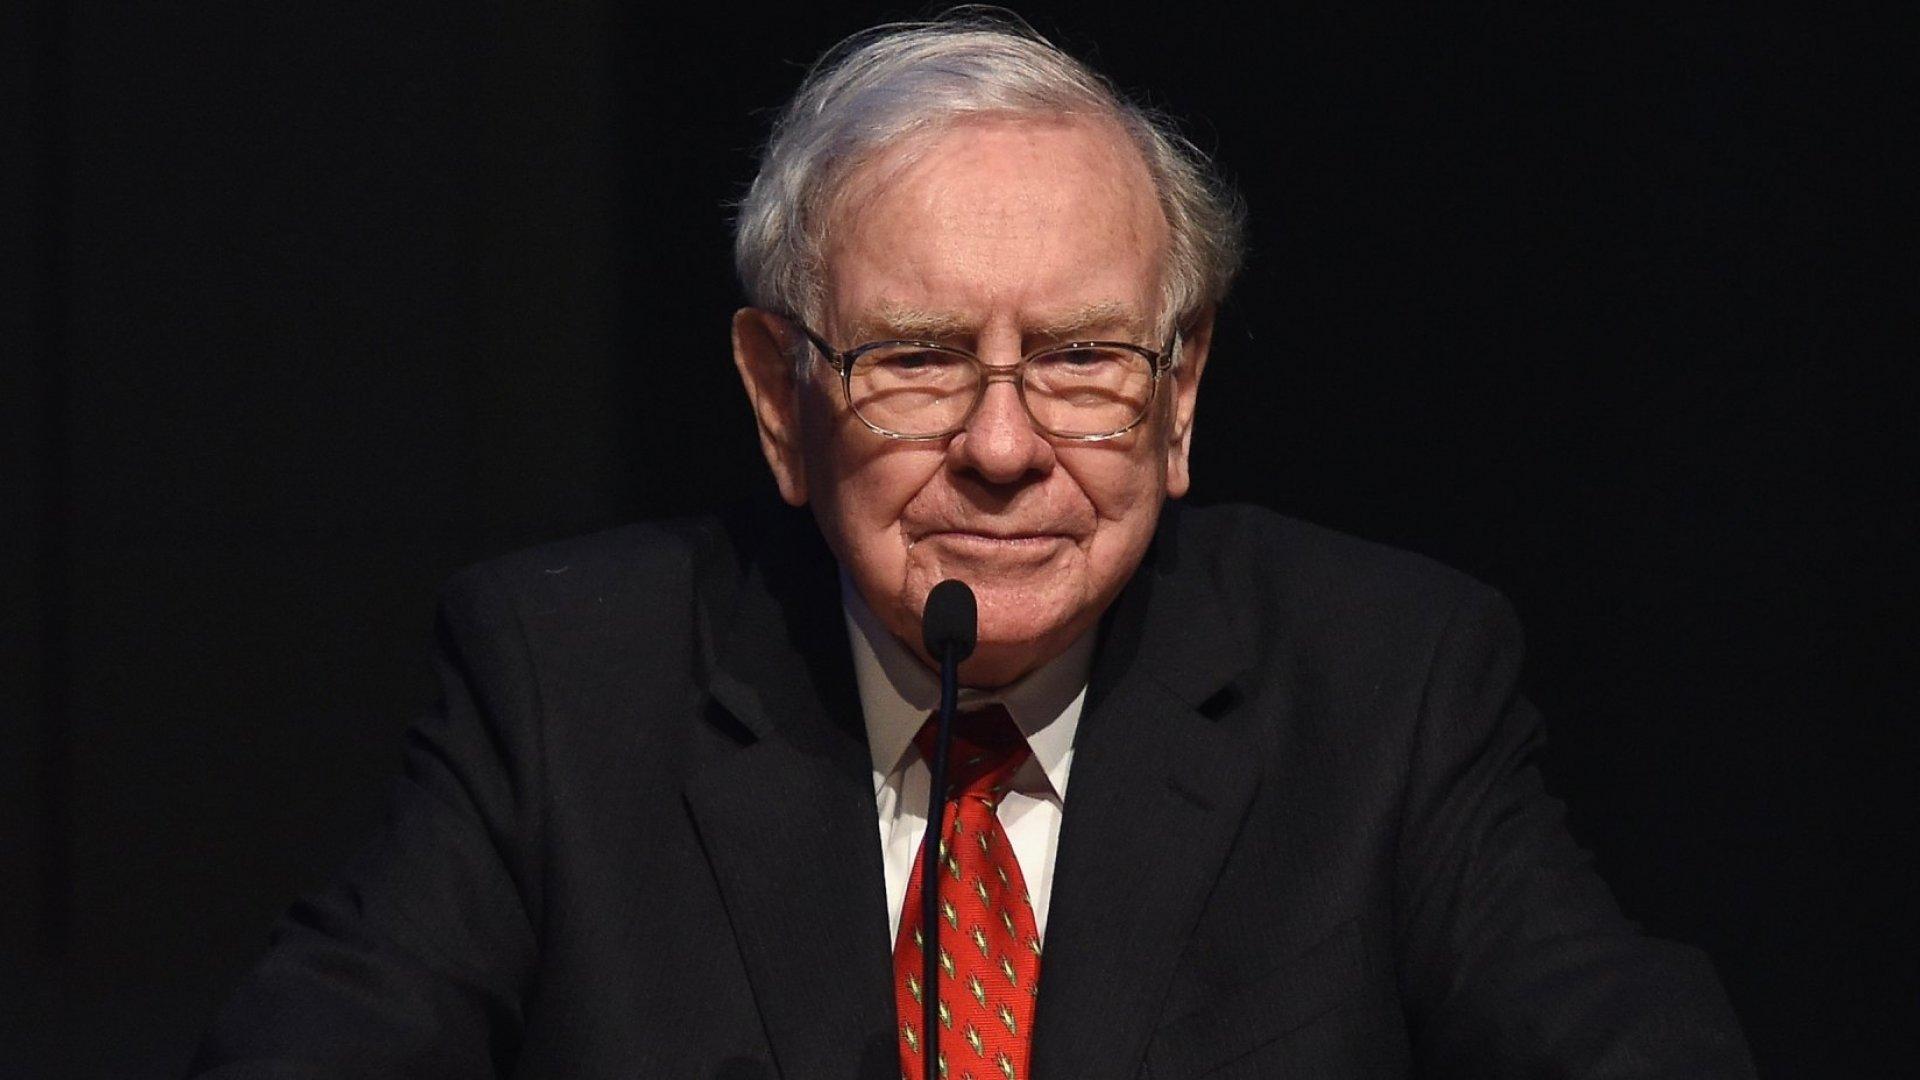 Warren Buffett Offers Up 6 Timeless Tips to Kick-Start Your Way to Success